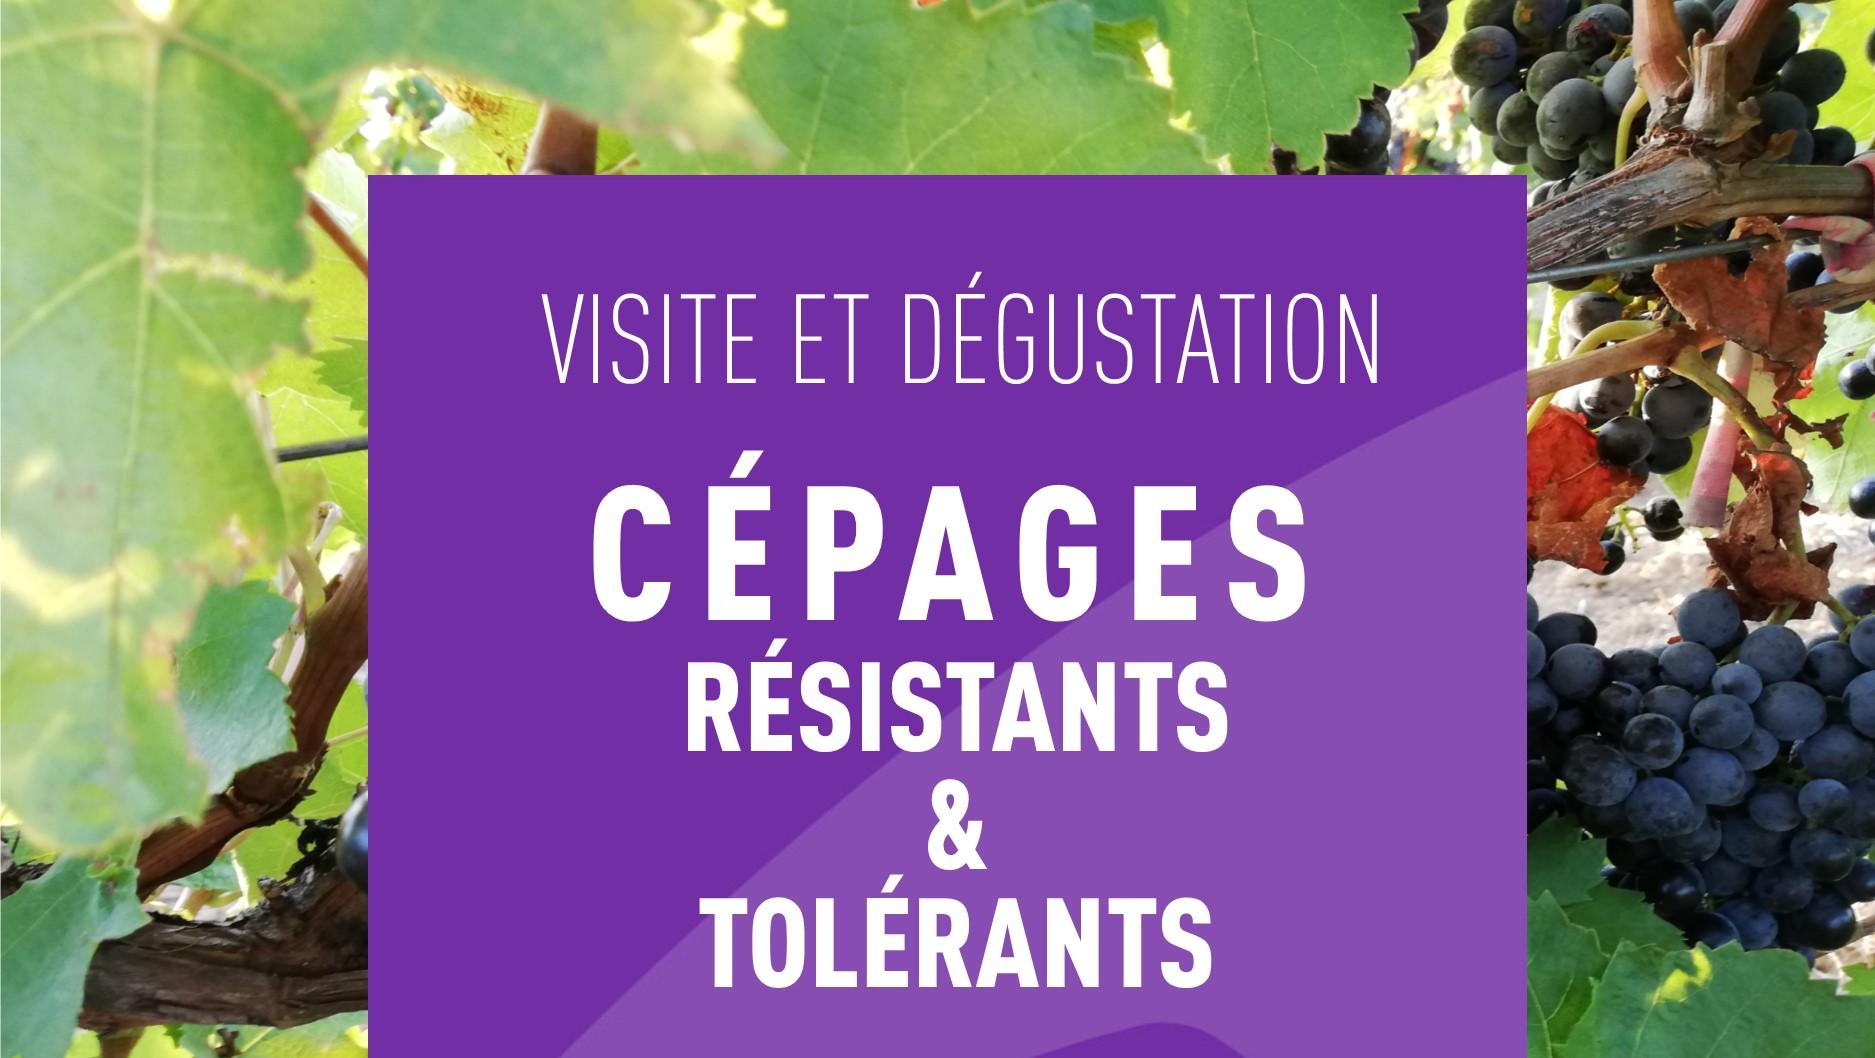 Visite et d gustations nouveaux c pages tol rants aux - Chambre agriculture ille et vilaine ...